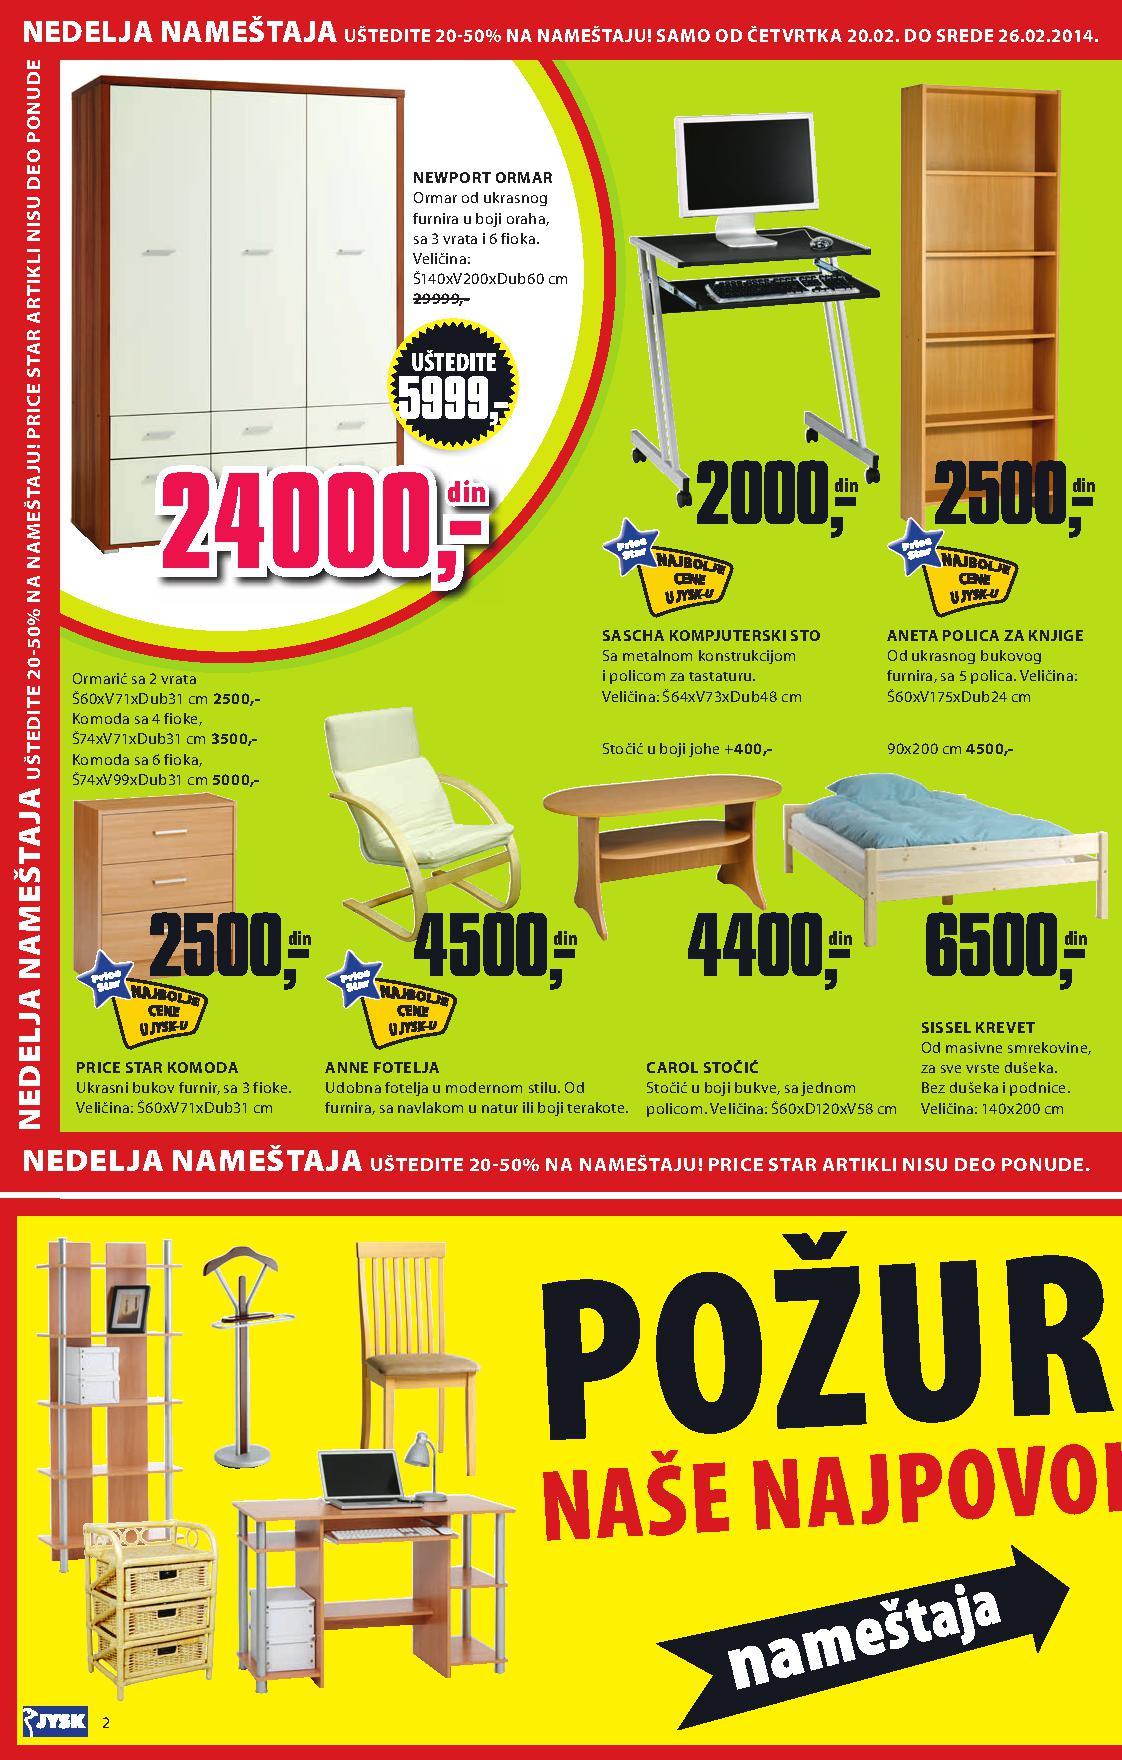 JYSK katalog odlične kupovine za vas